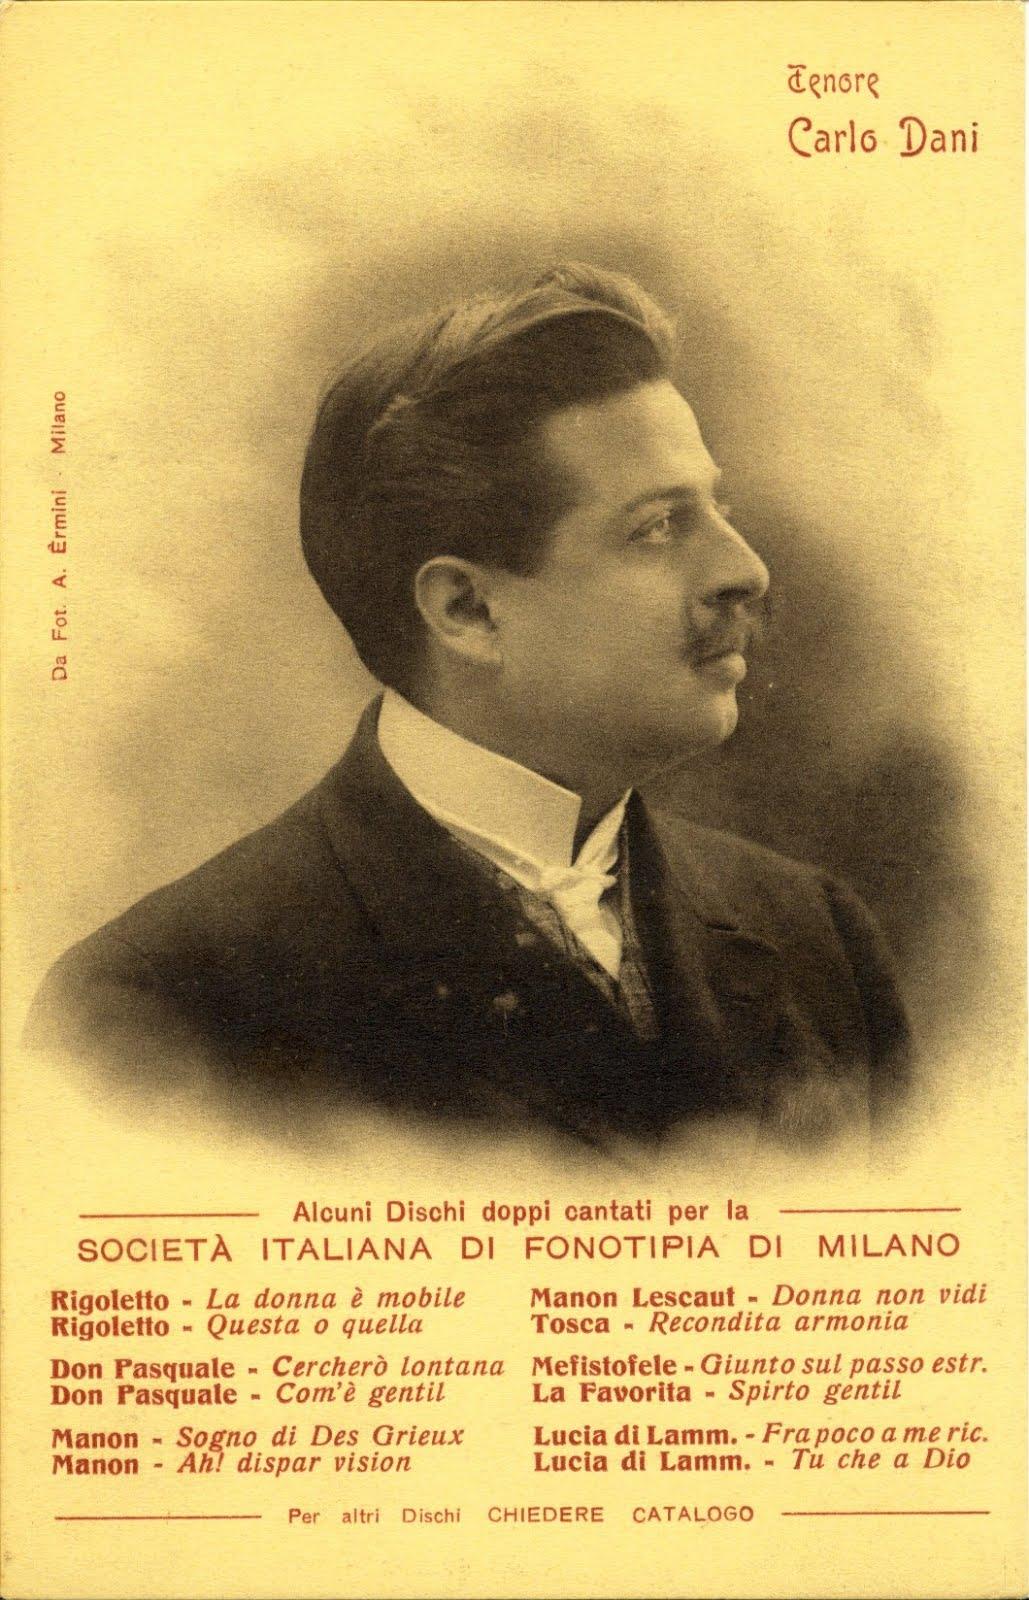 GREAT ITALIAN TENOR CARLO DANI (1873-1944) CD